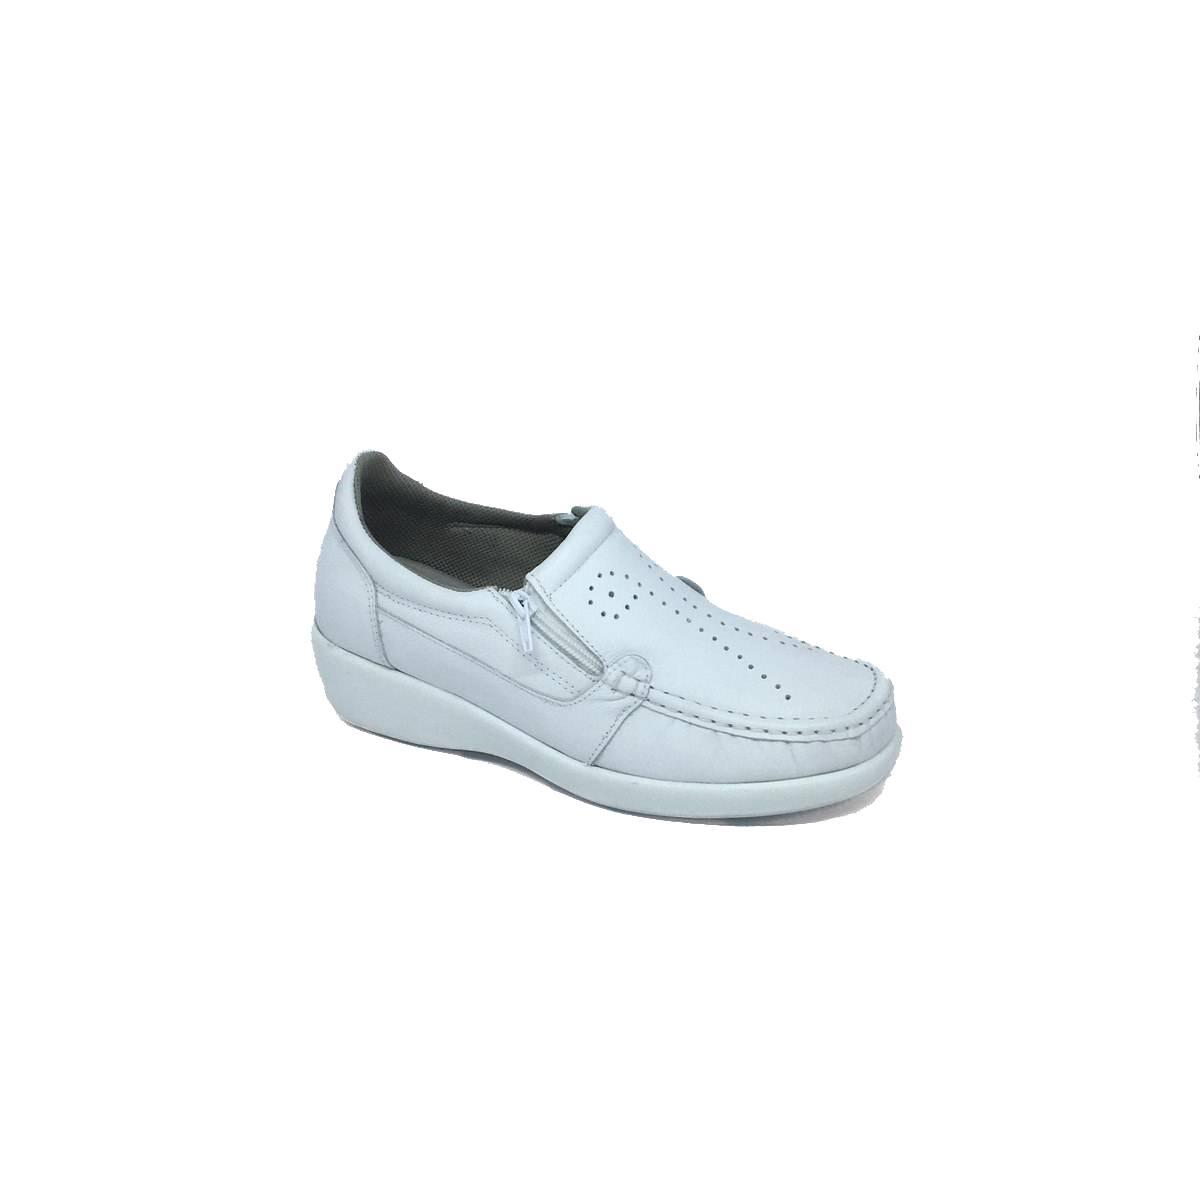 Sapato Social Zíper Doctor Pé Branco